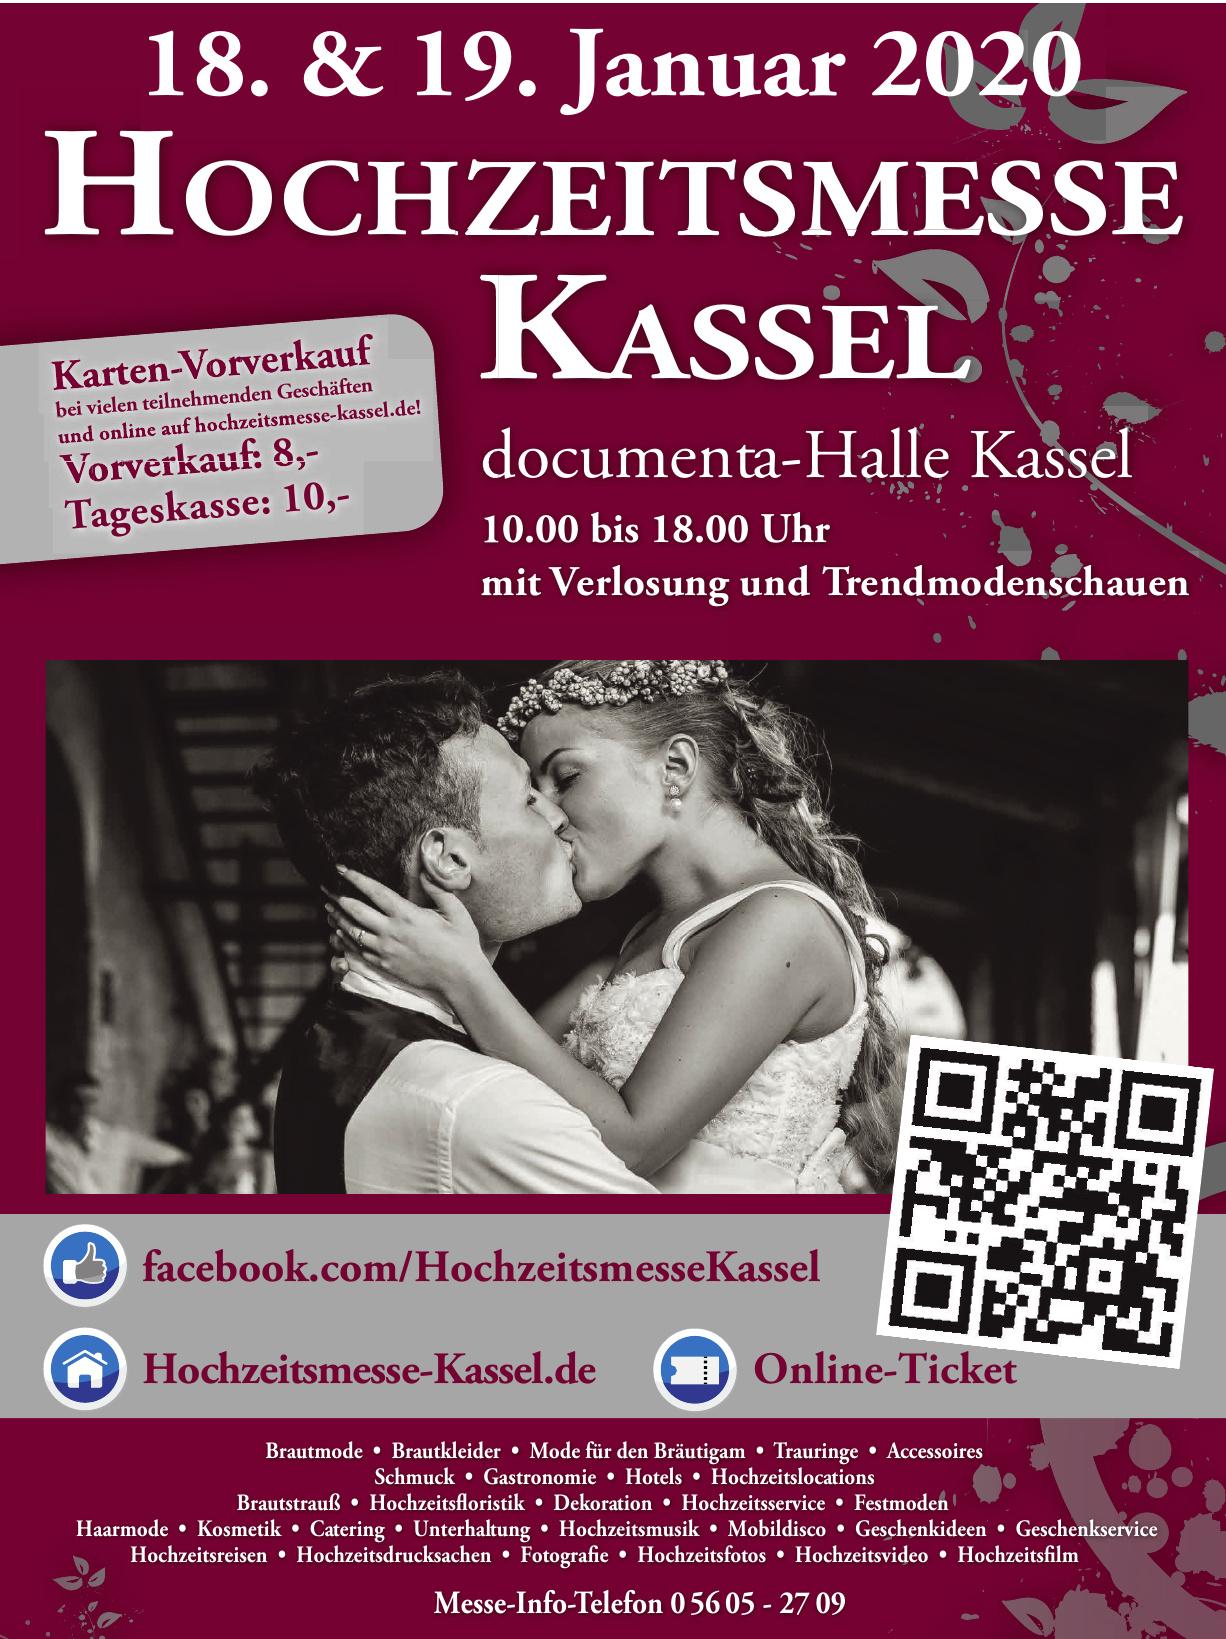 Hochzeitsmesse Kassel